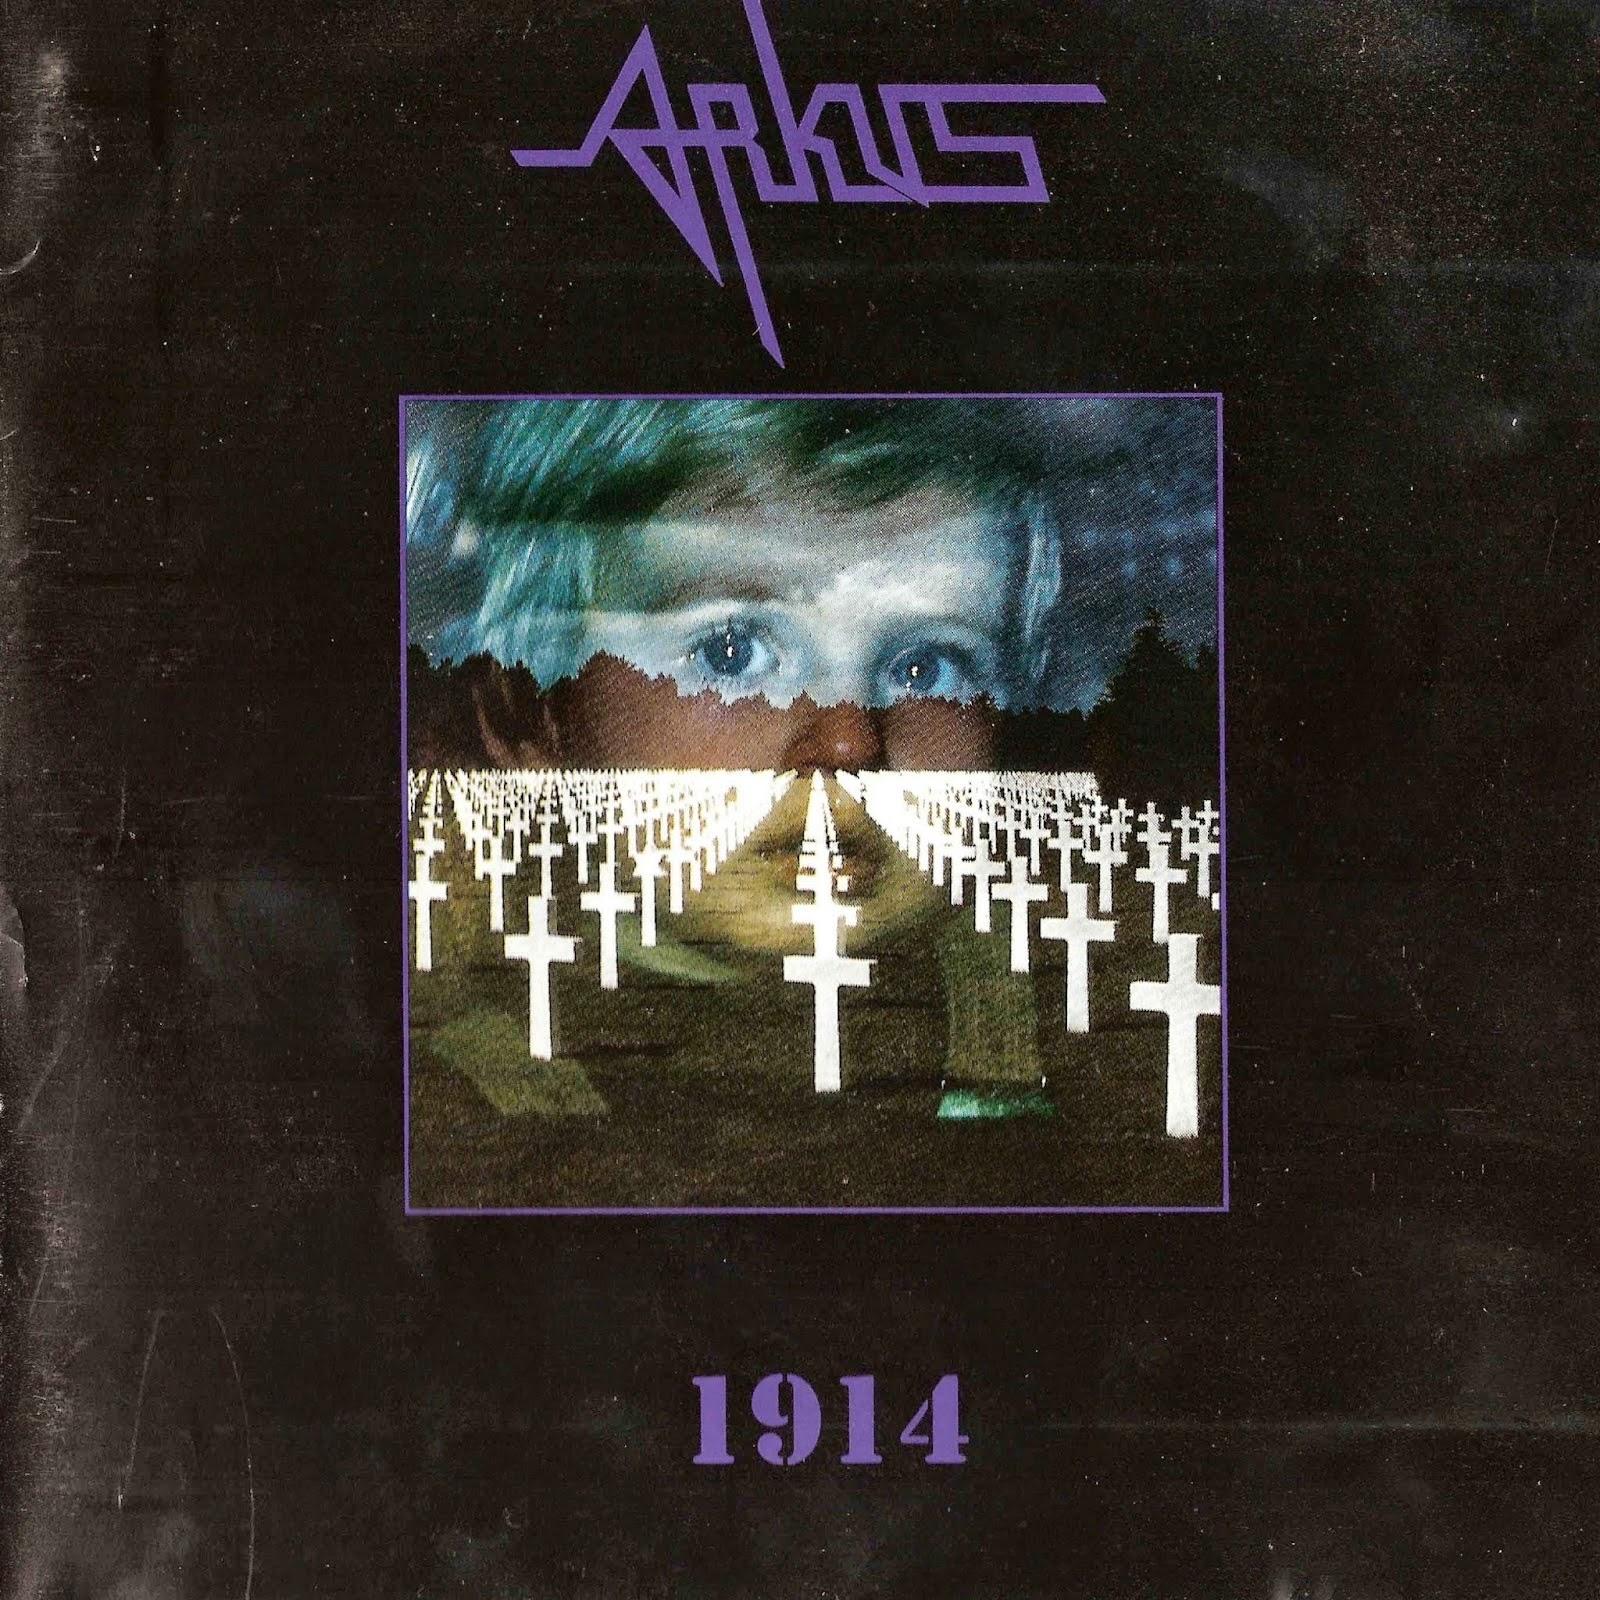 """""""Arkus"""" foi uma banda holandesa oriunda de Utrecht, formada em algum momento da década de 70, tendo uma boa atividade em shows ao vivo durante esse tempo. Em 1981 """"Arkus""""(com """"Frans Smits"""" nos vocais/guitarra, """"Ron Willems"""" na guitarra, """"Jan-Henk Wiggelinkhuizen"""" no órgão e sintetizadores, """"John Bouwman"""" no baixo/vocais e """"Erik van Duin"""" na bateria/vocal) entrou nos estúdios SR em Bodegraven, trabalhando duro por seis dias, para gravar seu álbum de estréia com músicas inspiradas pelo poeta holandês """"Bert Voeten"""". O resultado foi o álbum chamado de """"1914"""", lançado como um trabalho independente.  Envolvido em uma atmosfera muito sensível, """"Arkus"""" possui um trabalho orientado ao rock Sinfônico, com ênfase em toques de guitarra suave, solos melódicos e elaborados arranjos. Levemente parecido e influenciado por """"Camel"""" com solos dramáticos em uma seção rítmica sólida em background. Os trabalhos de teclado de """"Wiggelinkhuizen"""" ficam em segundo plano, assim, enchendo os espaços vazios para os guitarristas e ocasionalmente oferecendo algumas passagens prazerosas. Os agradáveis vocais em Inglês e a banda se entregam com coração e emoção em um estilo sensível. A banda logo foi abandonada pelo empresário com grandes dívidas financeiras em suas costas e isso acabou retardando sua carreira, embora tenha continuado tocando em concertos. Em 1993, num momento em que retornavam, """"1914"""" foi reeditado em formato de CD pela """"SI Músic"""" com duas faixas bônus gravadas em seus primeiros dias. Um CD Independente chamado """"Win or Loose"""" (ganhar ou perder) surgiu em 1991, em 2003 um terceiro álbum, chamado """"Two of a Kind"""", surgiu seguindo a mesma fórmula do segundo. Nenhum desses dois fizeram muito impacto, porém """"Win or Loose"""" de 1991, em particular, parece ser um CD impossível de se encontrar atualmente. Parece que """"Arkus"""" ainda é uma constante preocupação para os fãs, ao menos, se alguns comentários no YouTube podem ser confiáveis, este projeto no momento parece estar em segundo plano para """